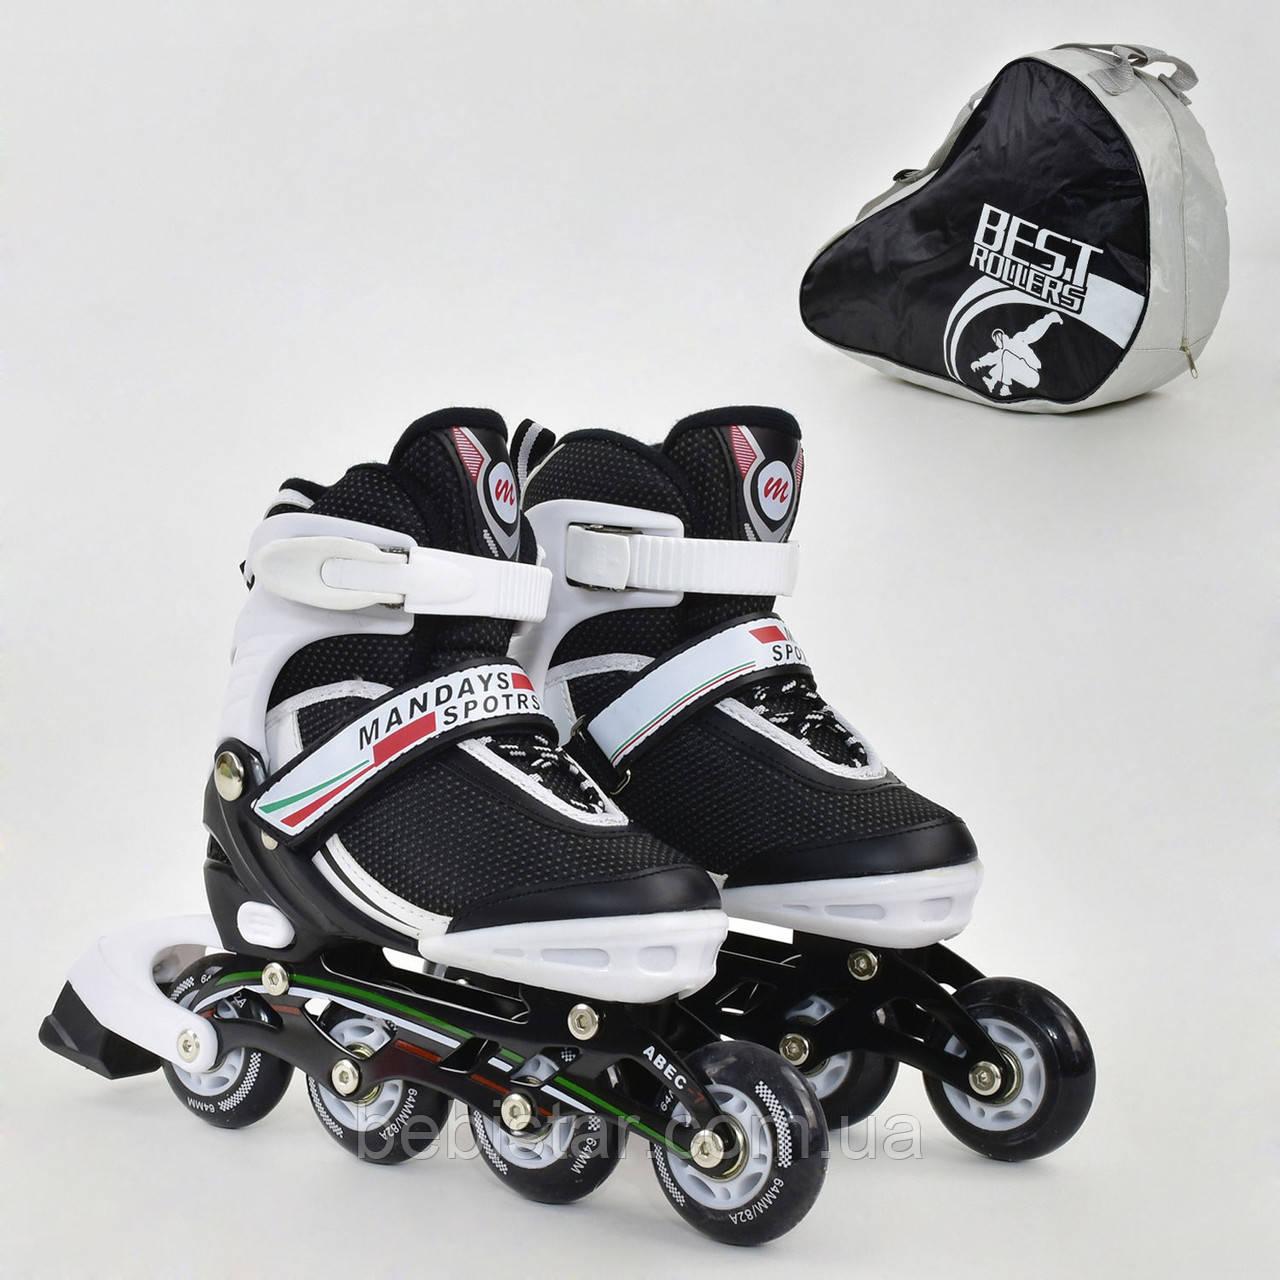 Детские роликовые коньки белые 9001 S Best Roller размер 31-34 полиуретановые колеса